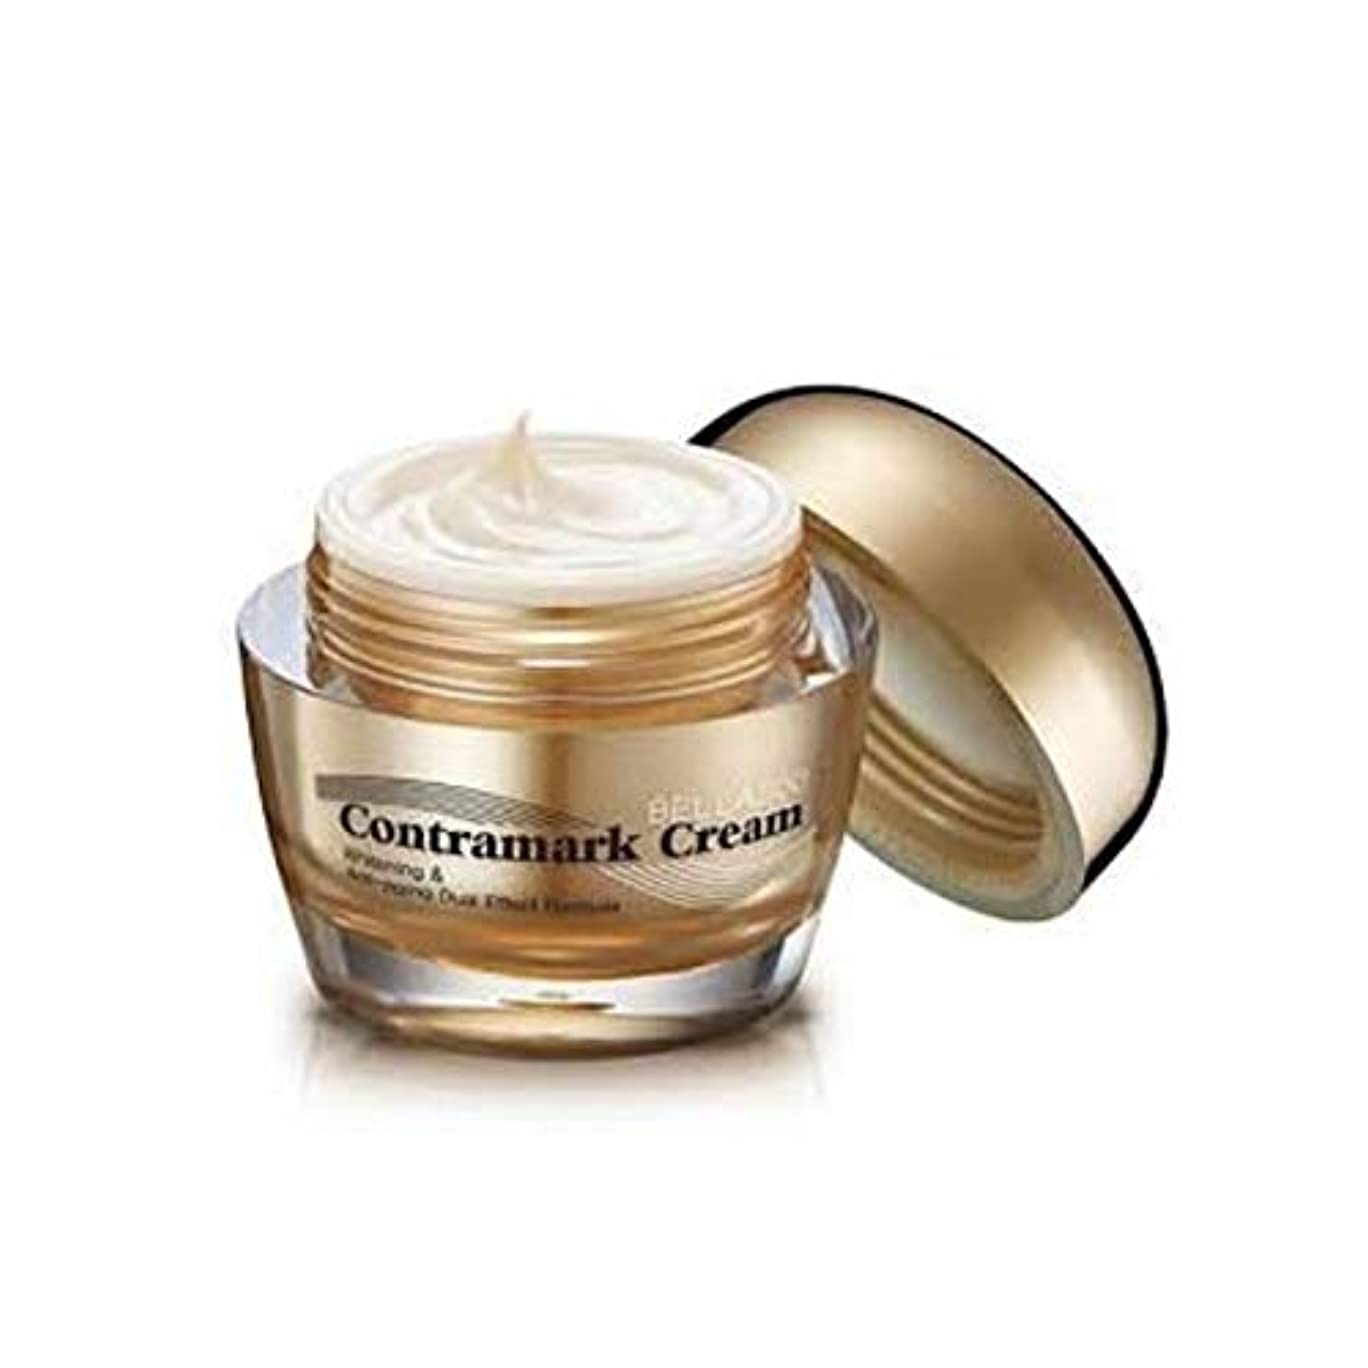 疲労チェスをする気配りのある鍾根堂ベラシュコントラマーククリーム30gシミ?ソバカス韓国コスメ、Chong Kun Dang Bellasoo Contramark Cream 30g Melasma Cream Korean Cosmetics...